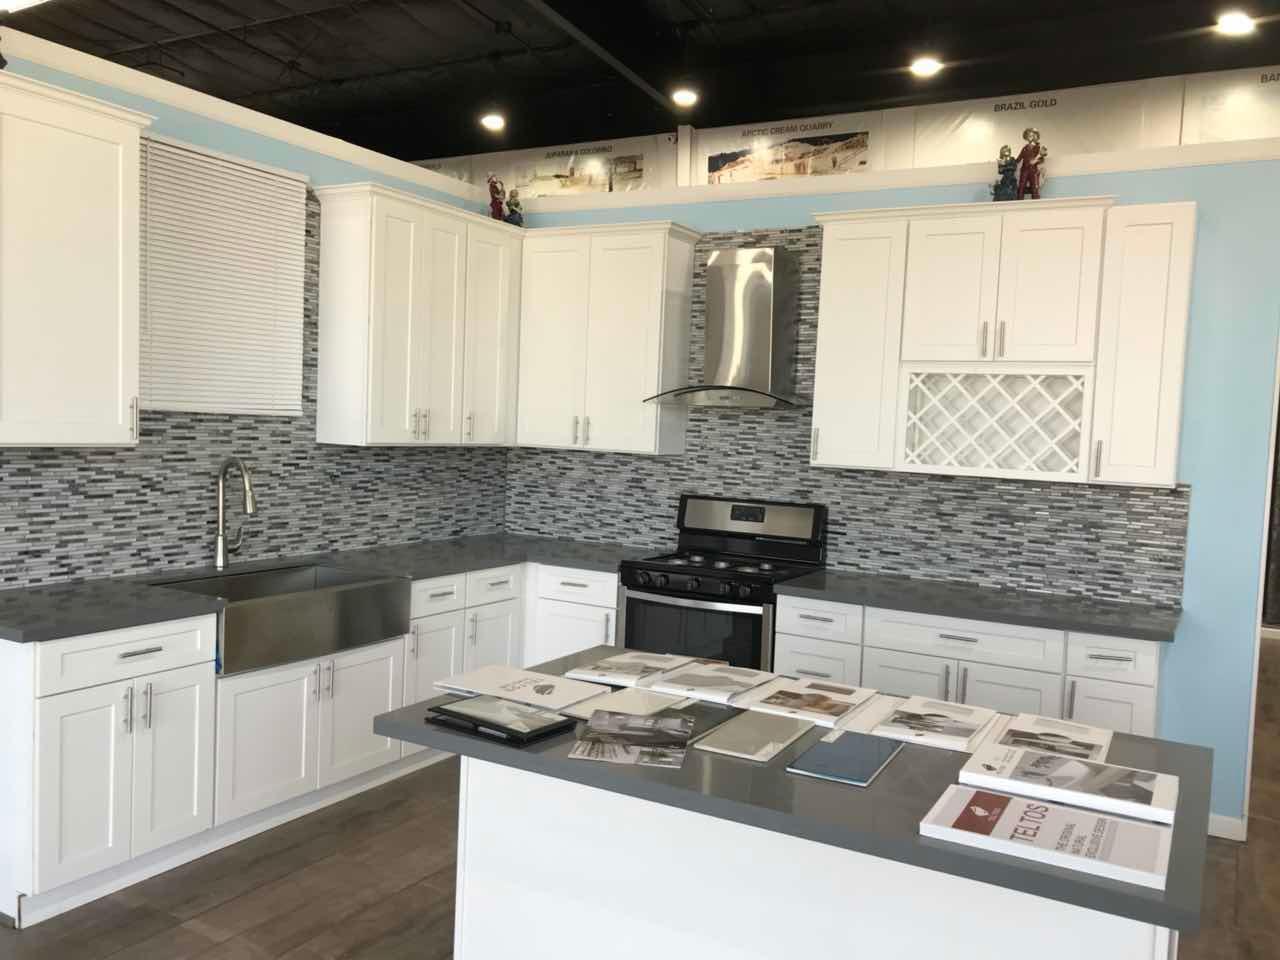 APEX Kitchen Cabinet and Granite Countertop image 23